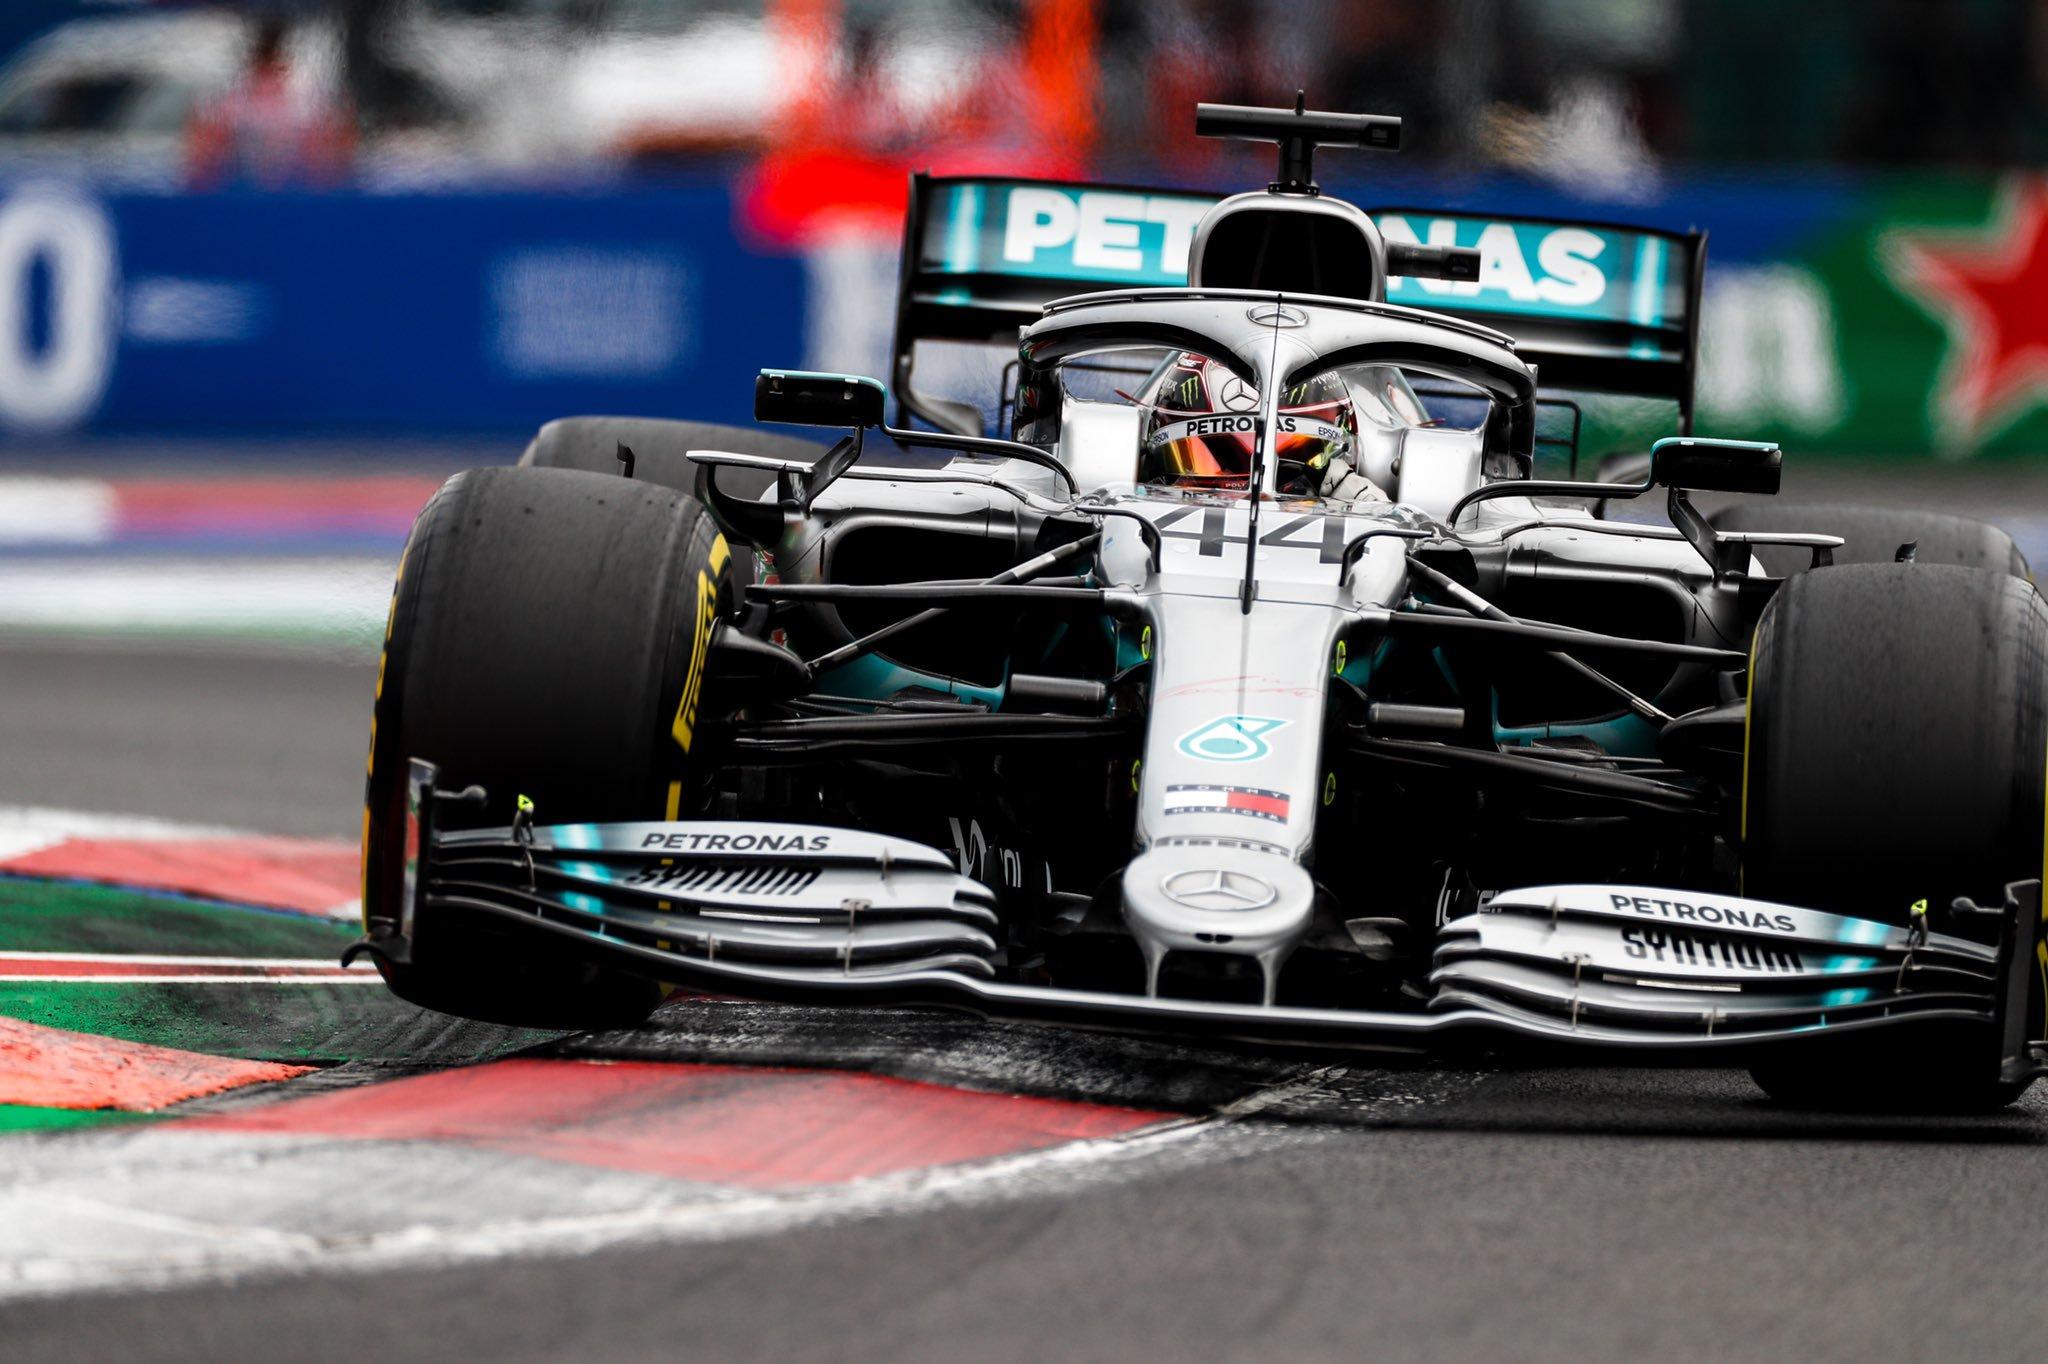 Льюис Хэмилтон выиграл Гран-при Мексики 2019 года, Квят — девятый